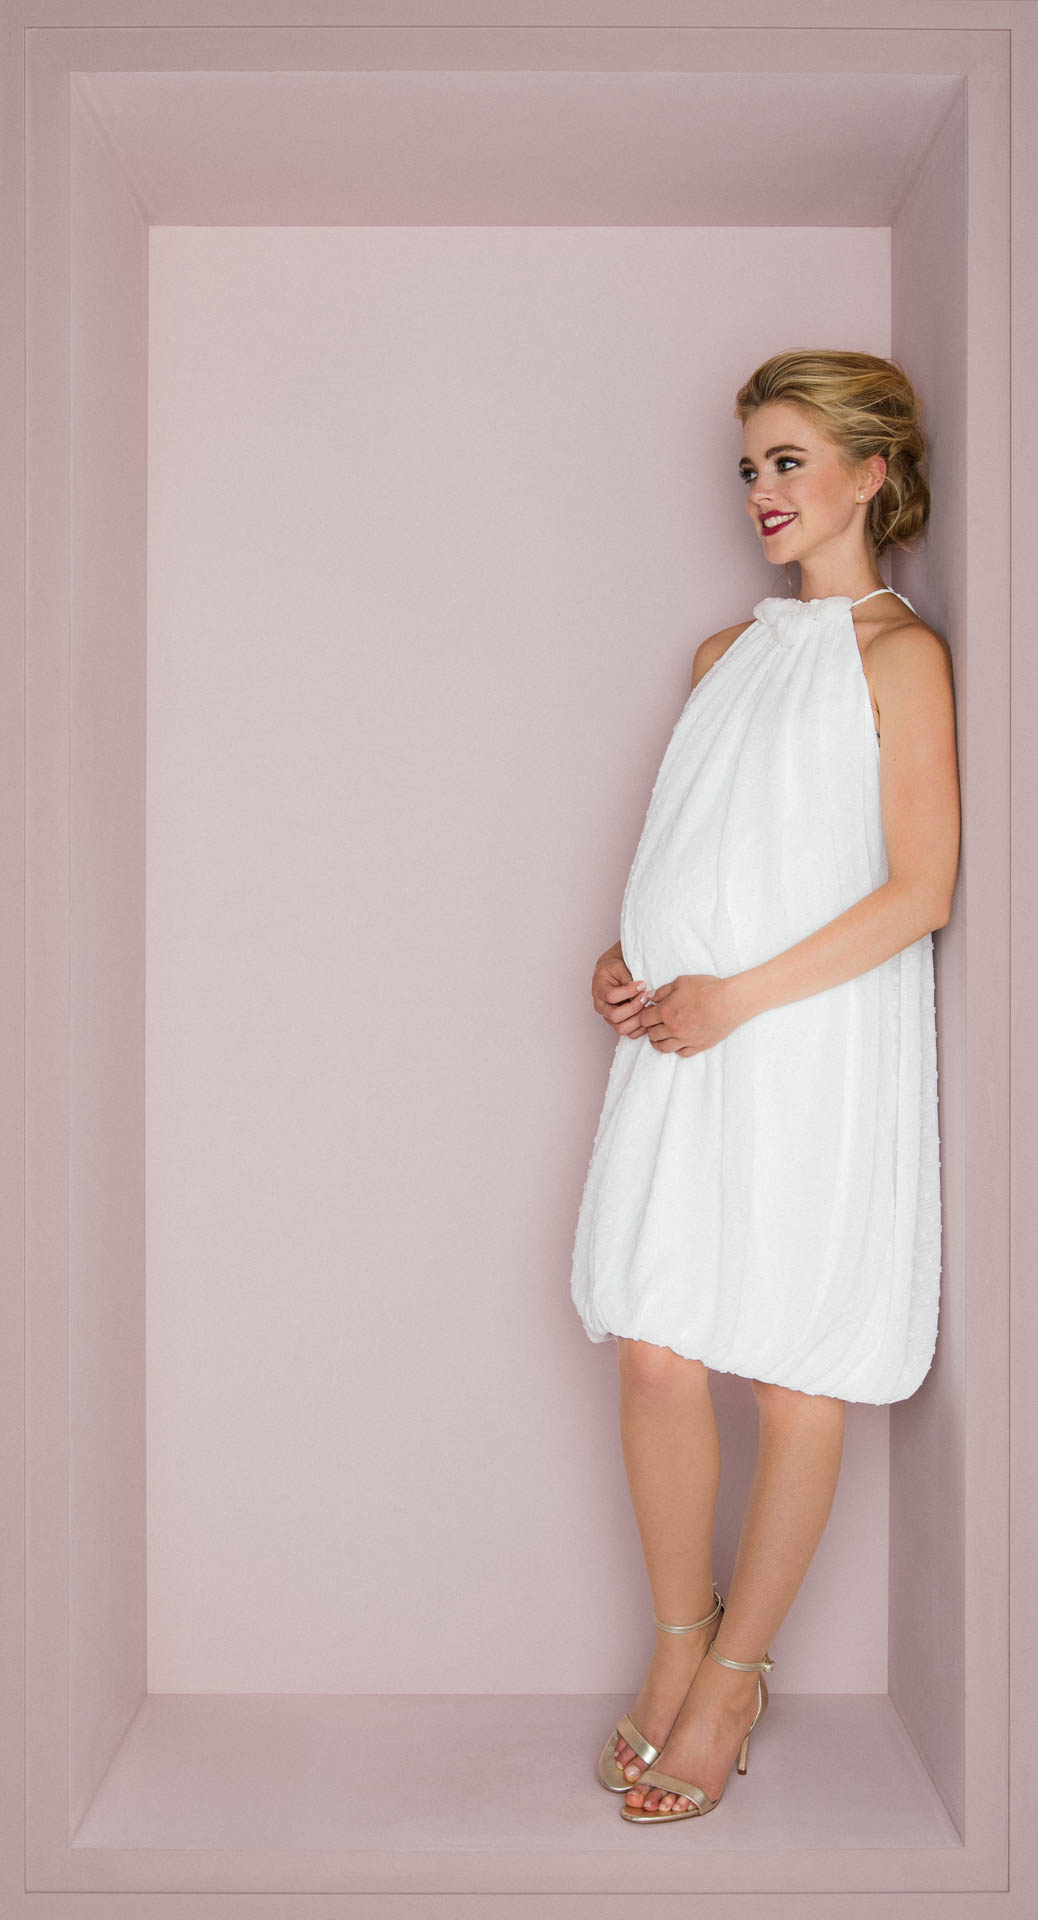 Standesamtkleider kurz schwanger